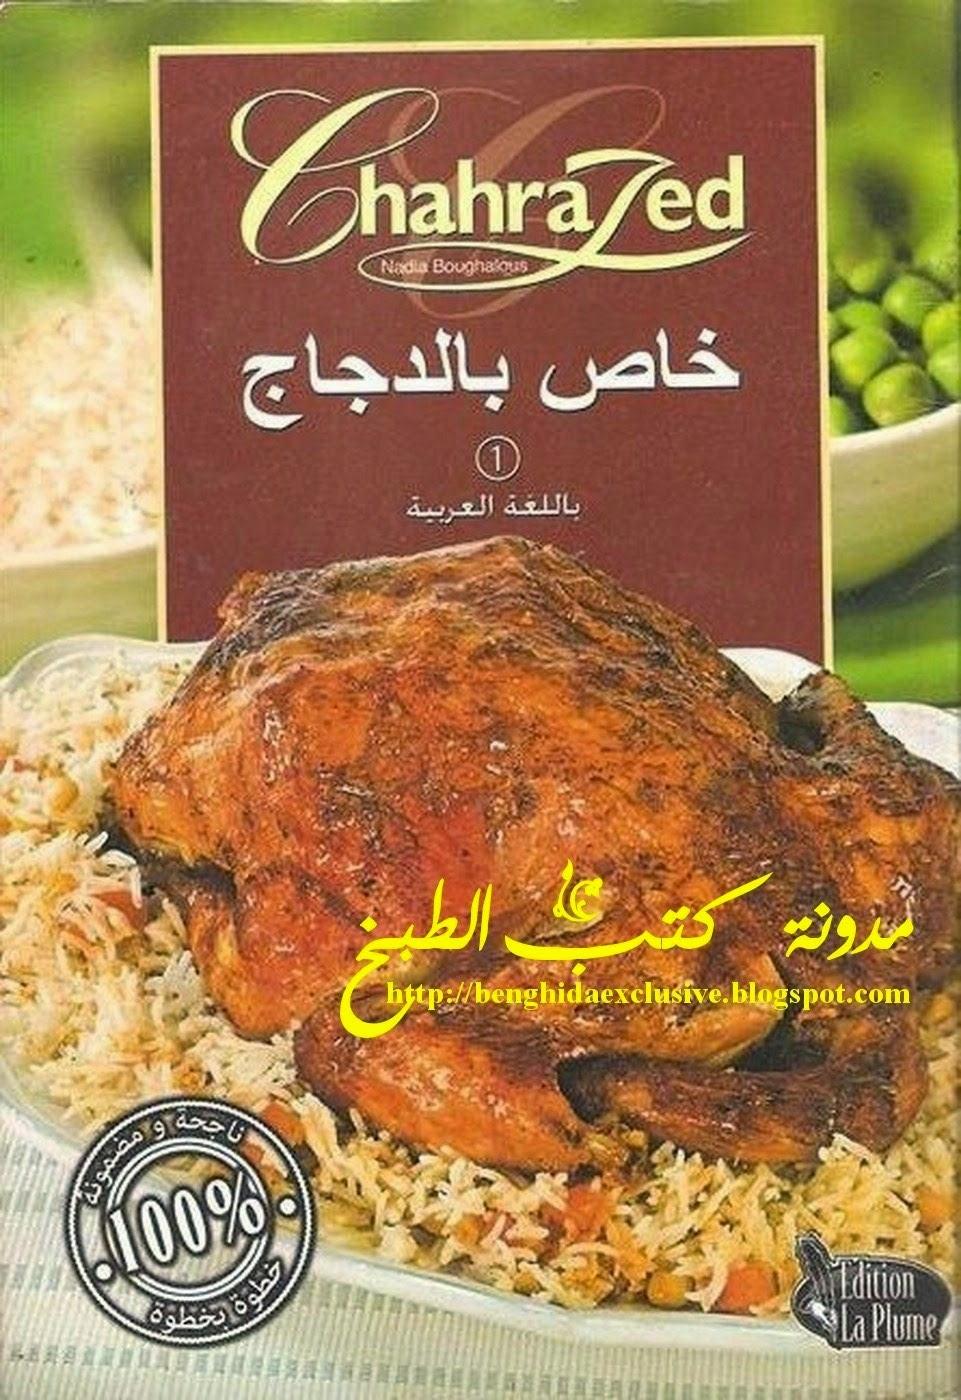 سلسلة الطباخة شهرزاد ط®ط§طµ%2